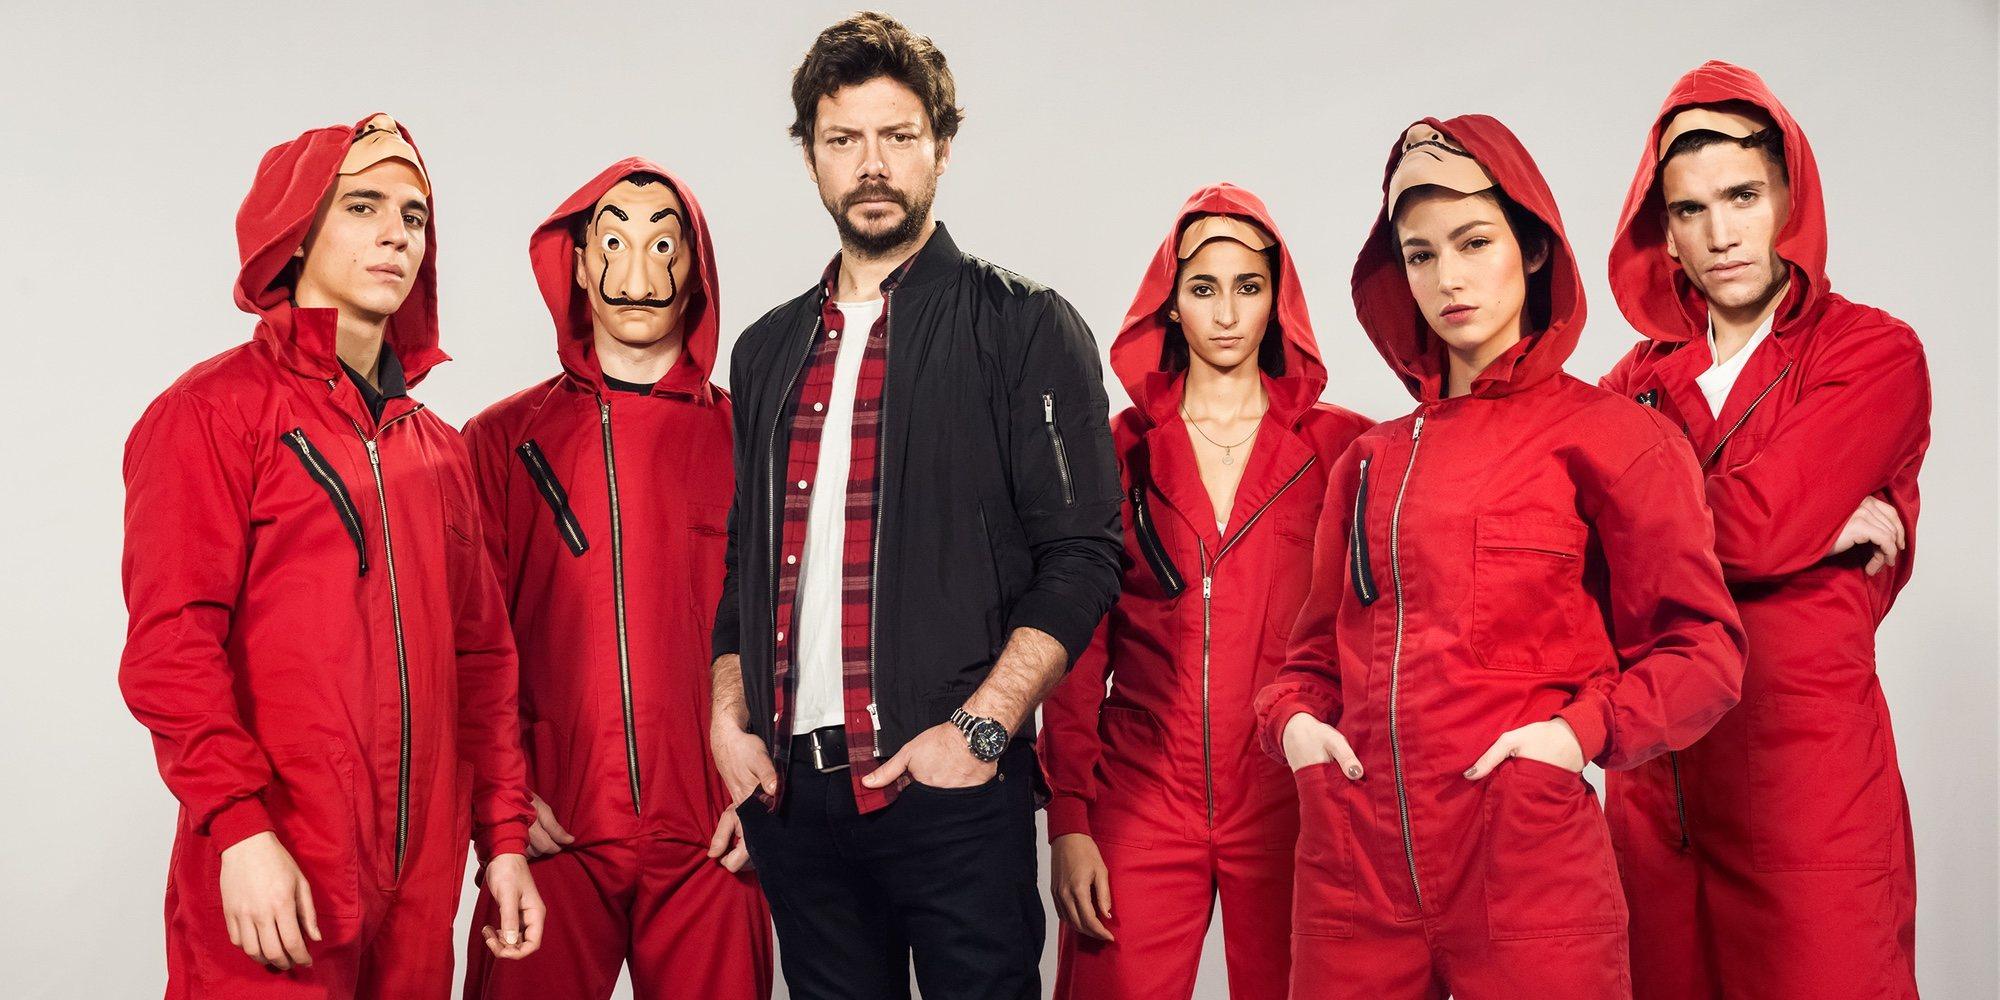 Netflix confirma que habrá tercera temporada de 'La casa de papel' en 2019